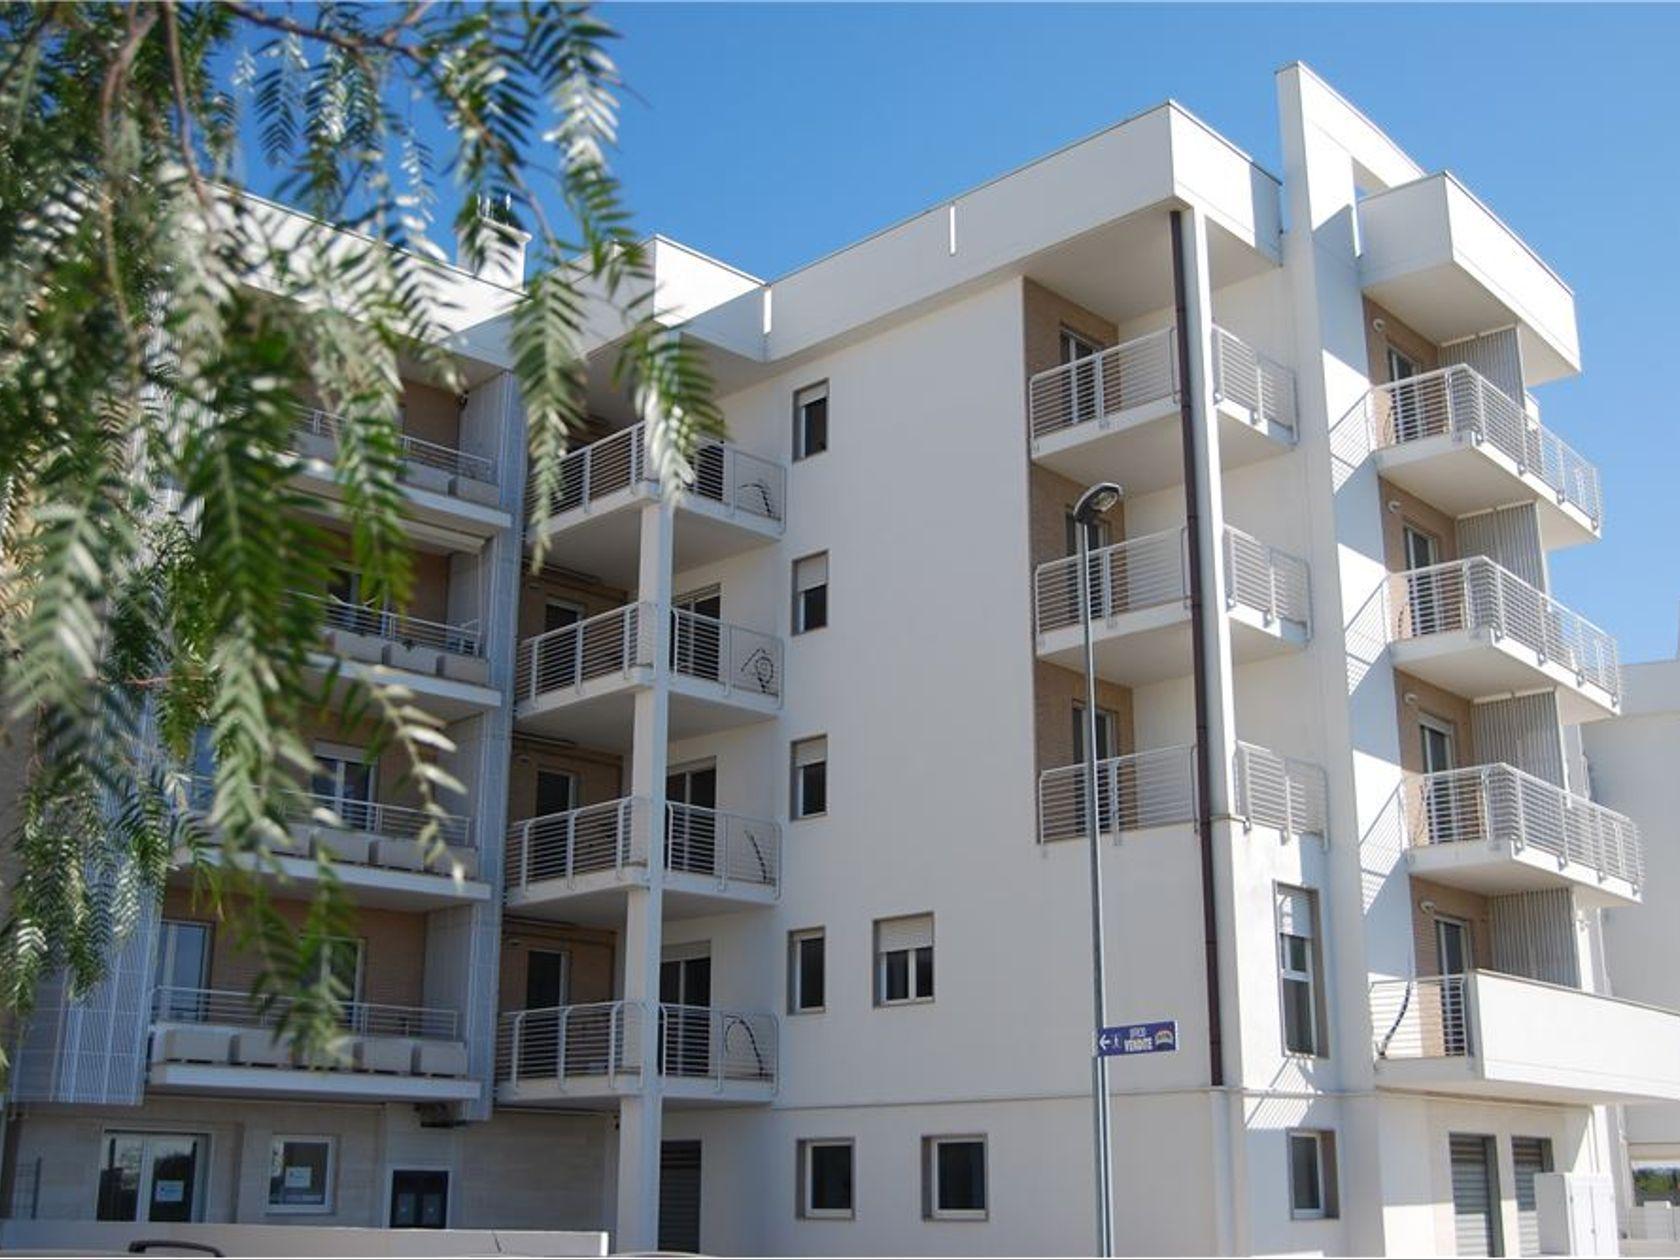 Appartamento Picone, Bari, BA Vendita - Foto 2